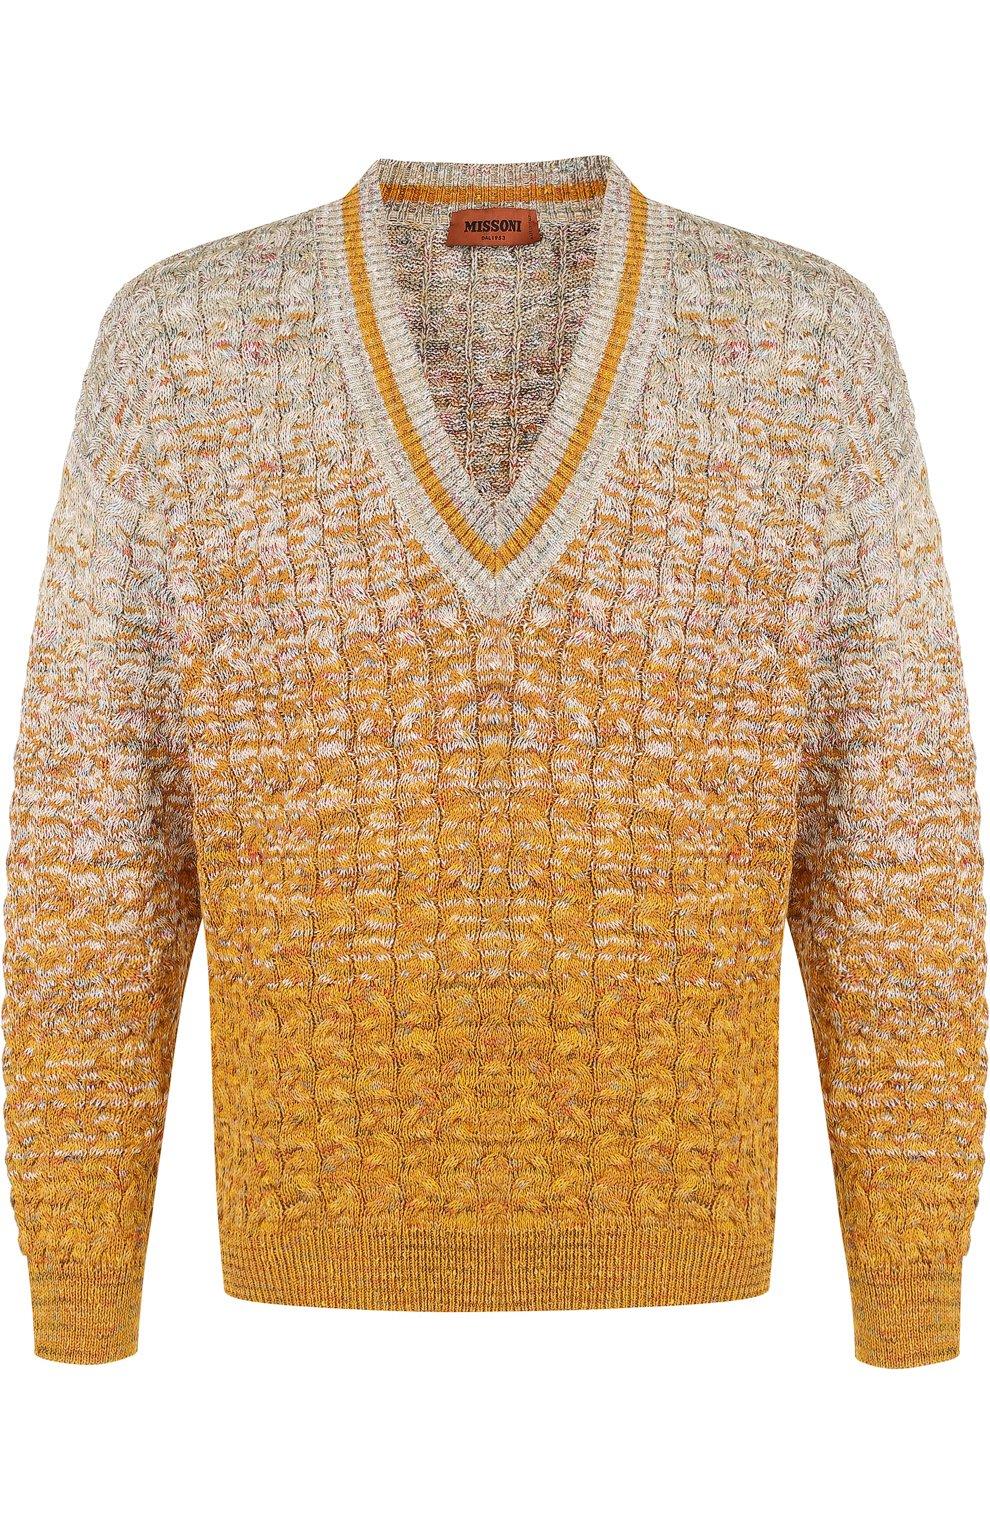 Хлопковый пуловер крупной вязки | Фото №1